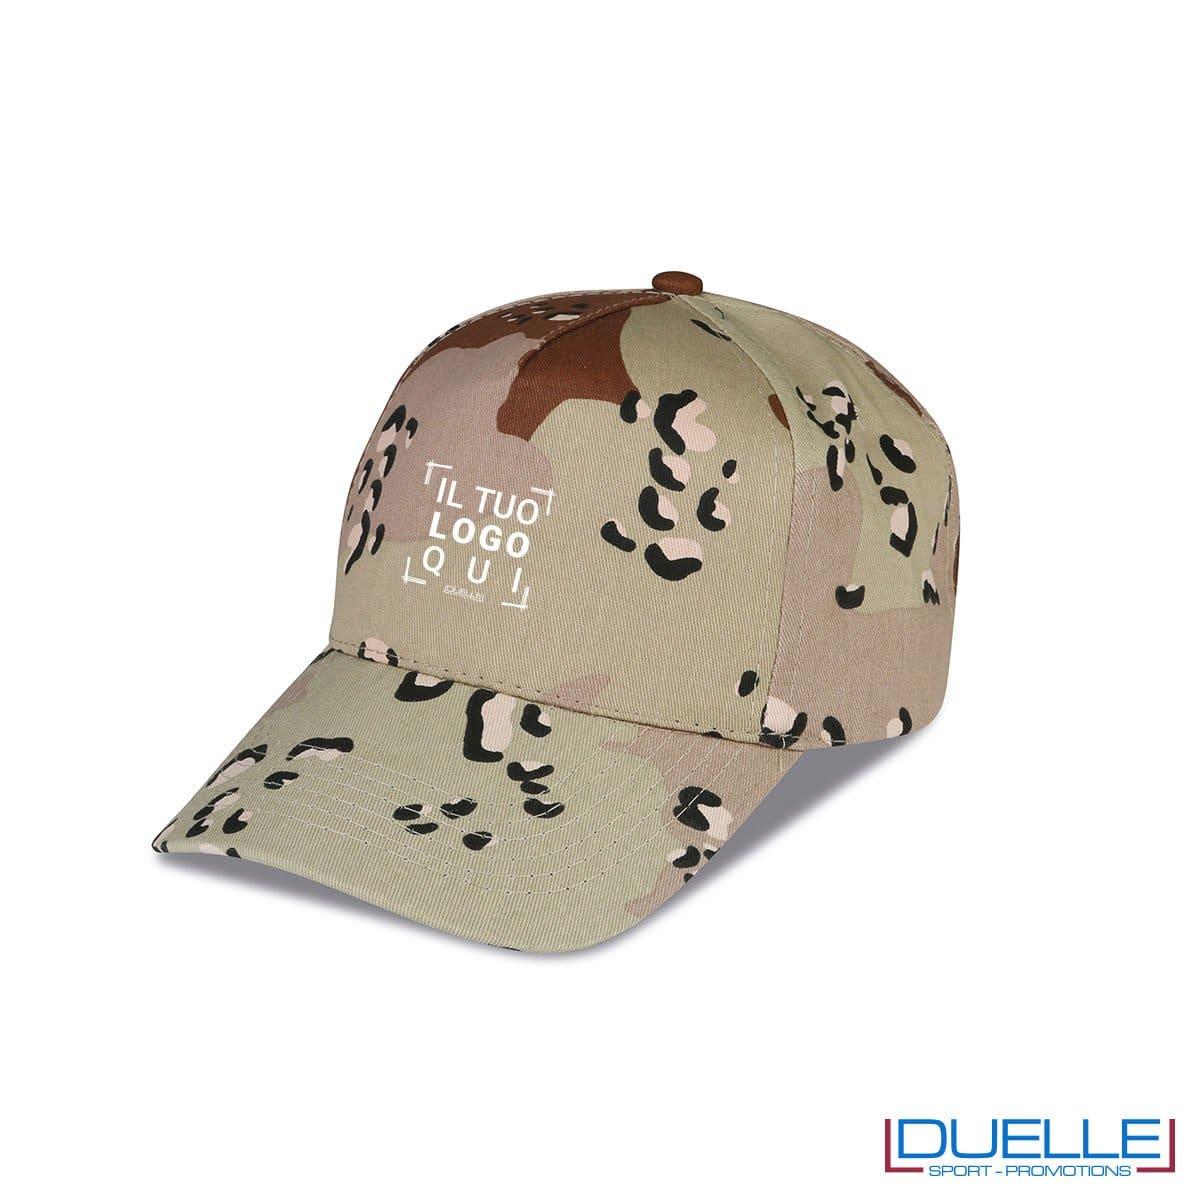 cappellino personalizzato in colore camouflage deserto